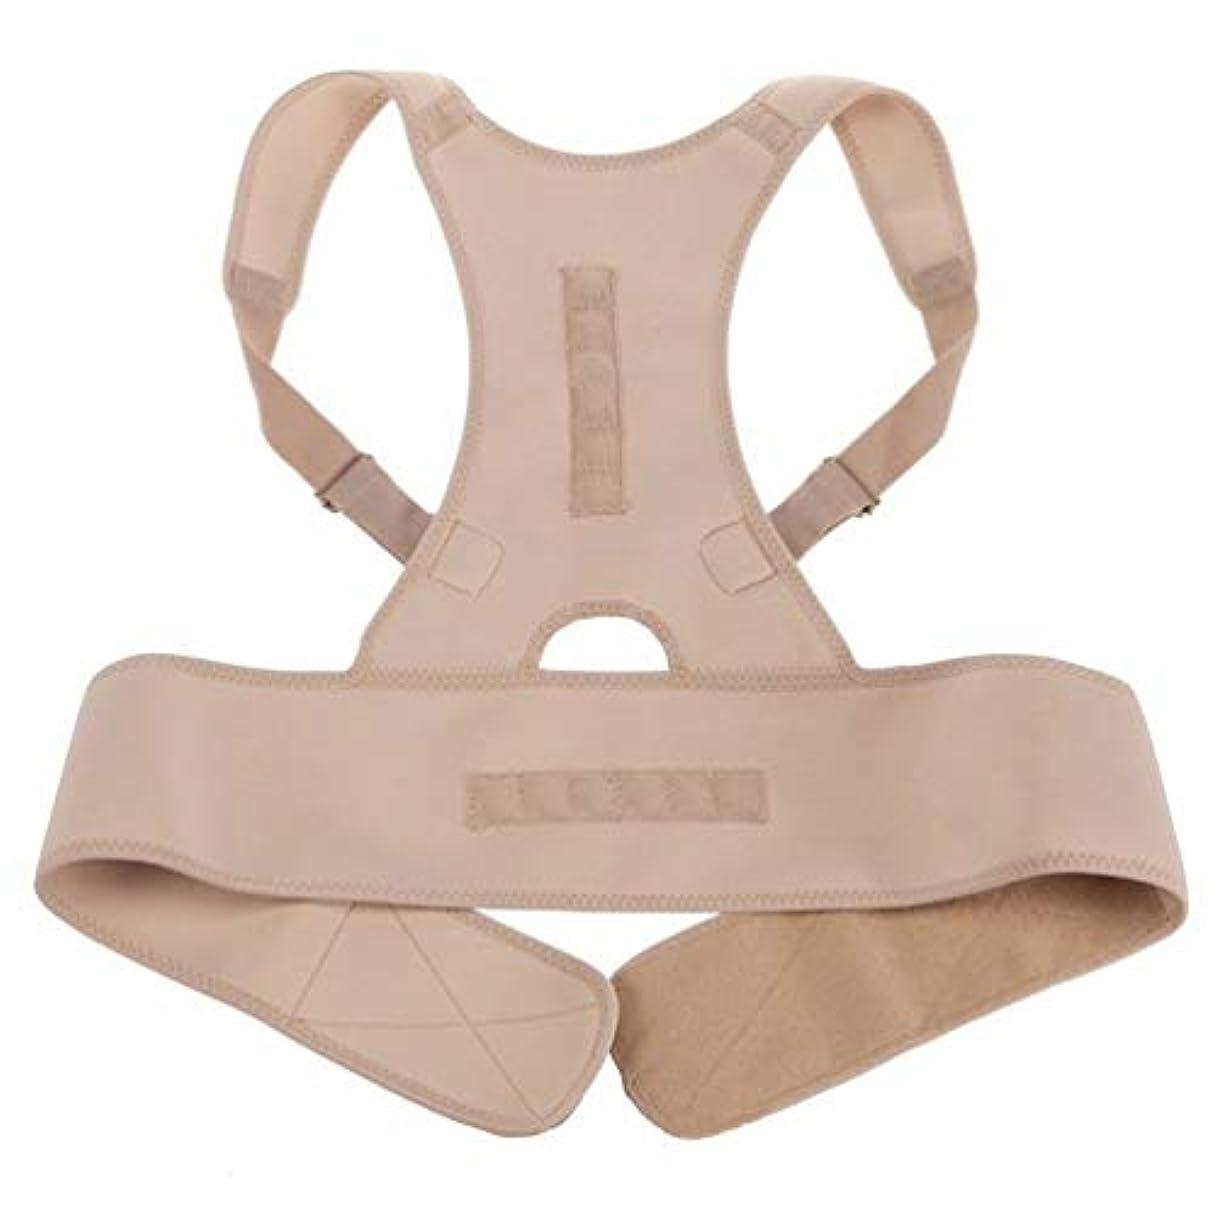 実際ネクタイ使用法ネオプレン磁気姿勢補正機能バッドバックランバーショルダーサポート腰痛ブレースバンドベルトユニセックス快適な着用 - 肌の色L/XL